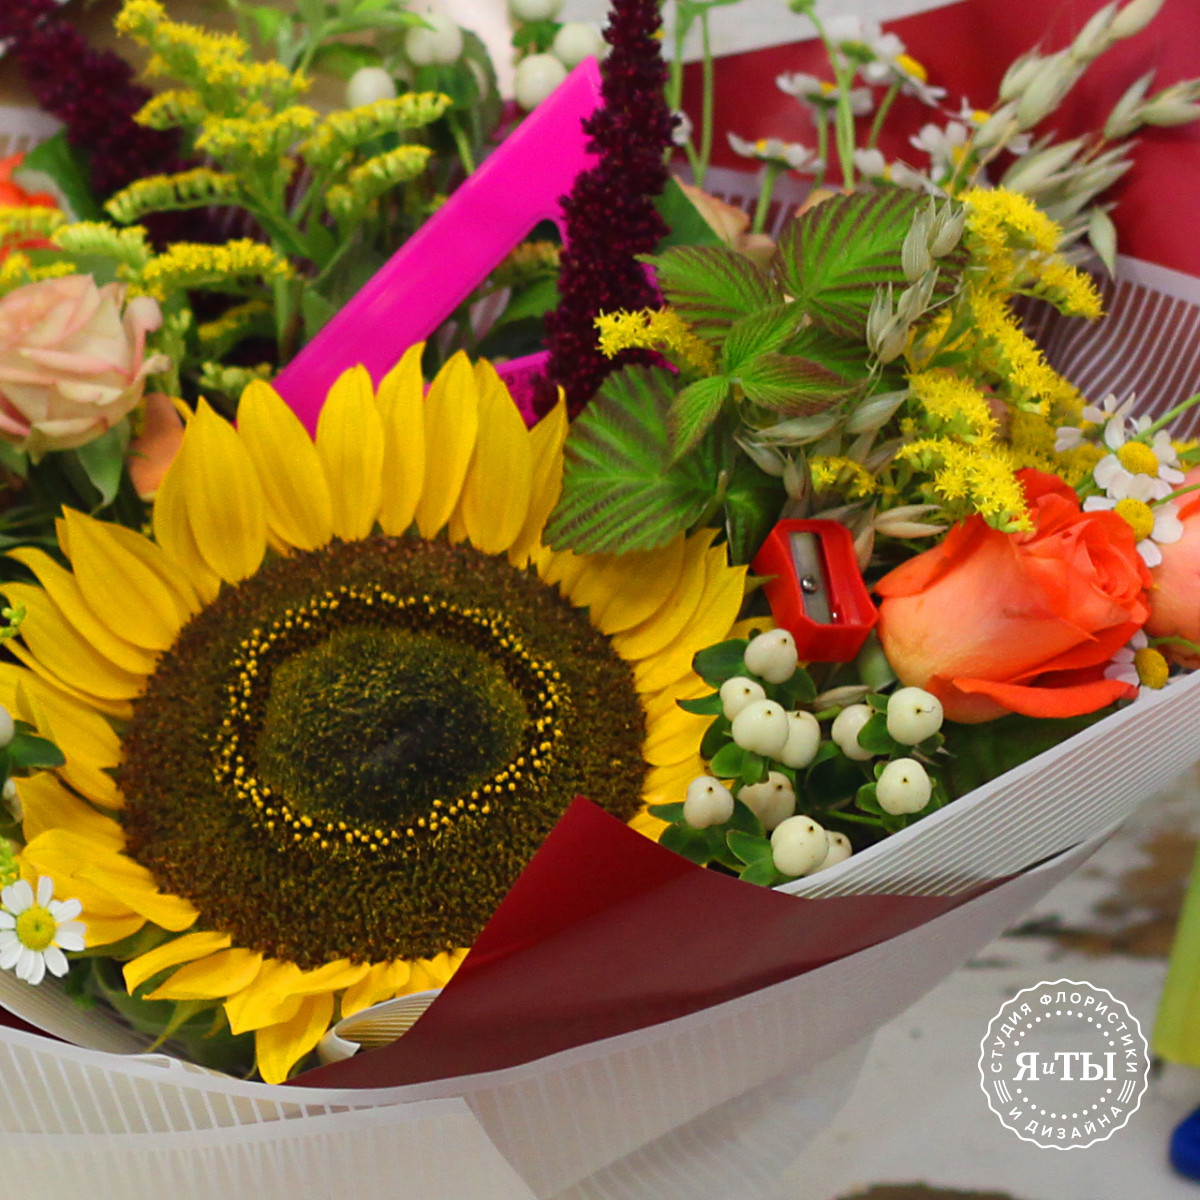 Букет с подсолнухом и розами